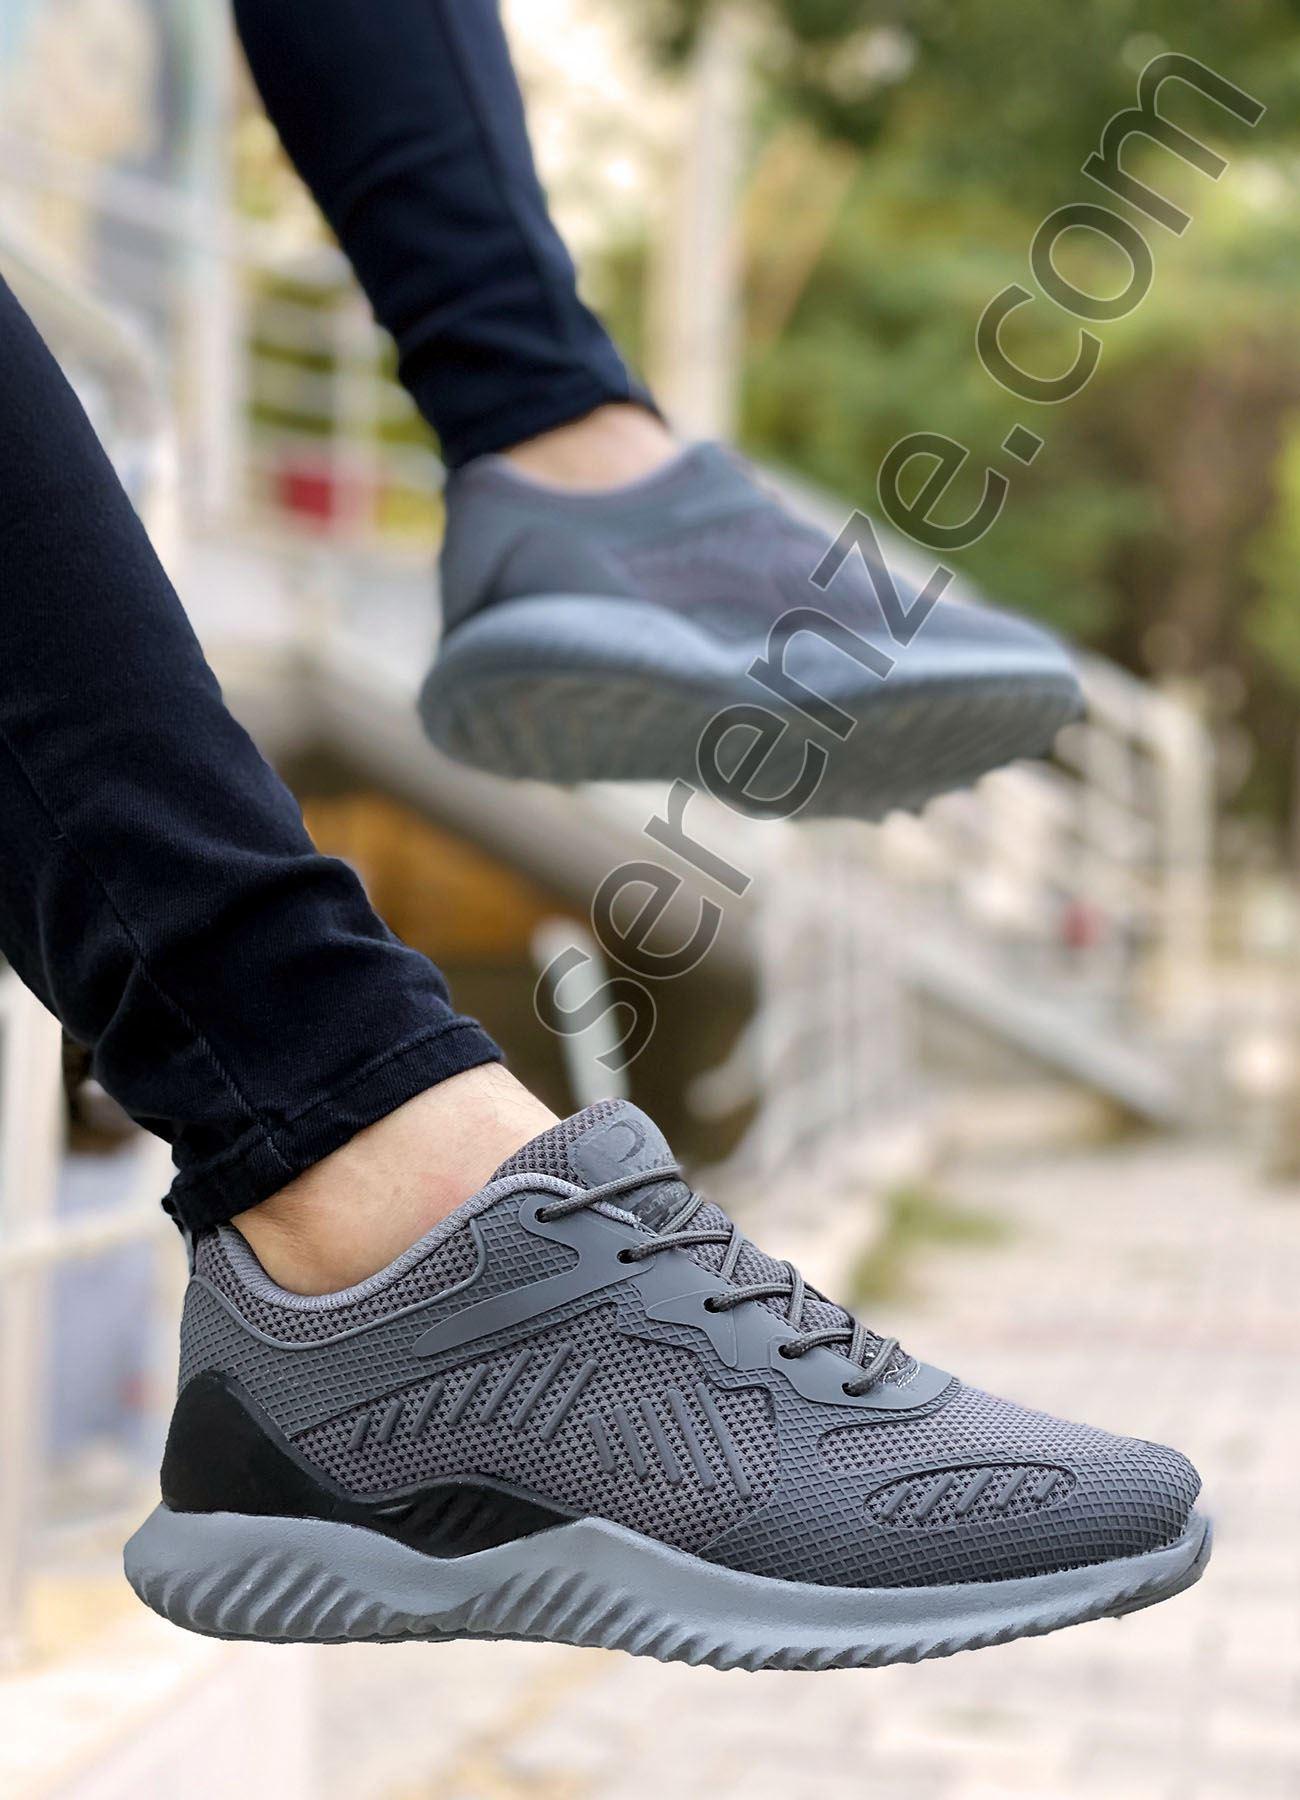 Füme Triko Rahat Erkek Spor Ayakkabı